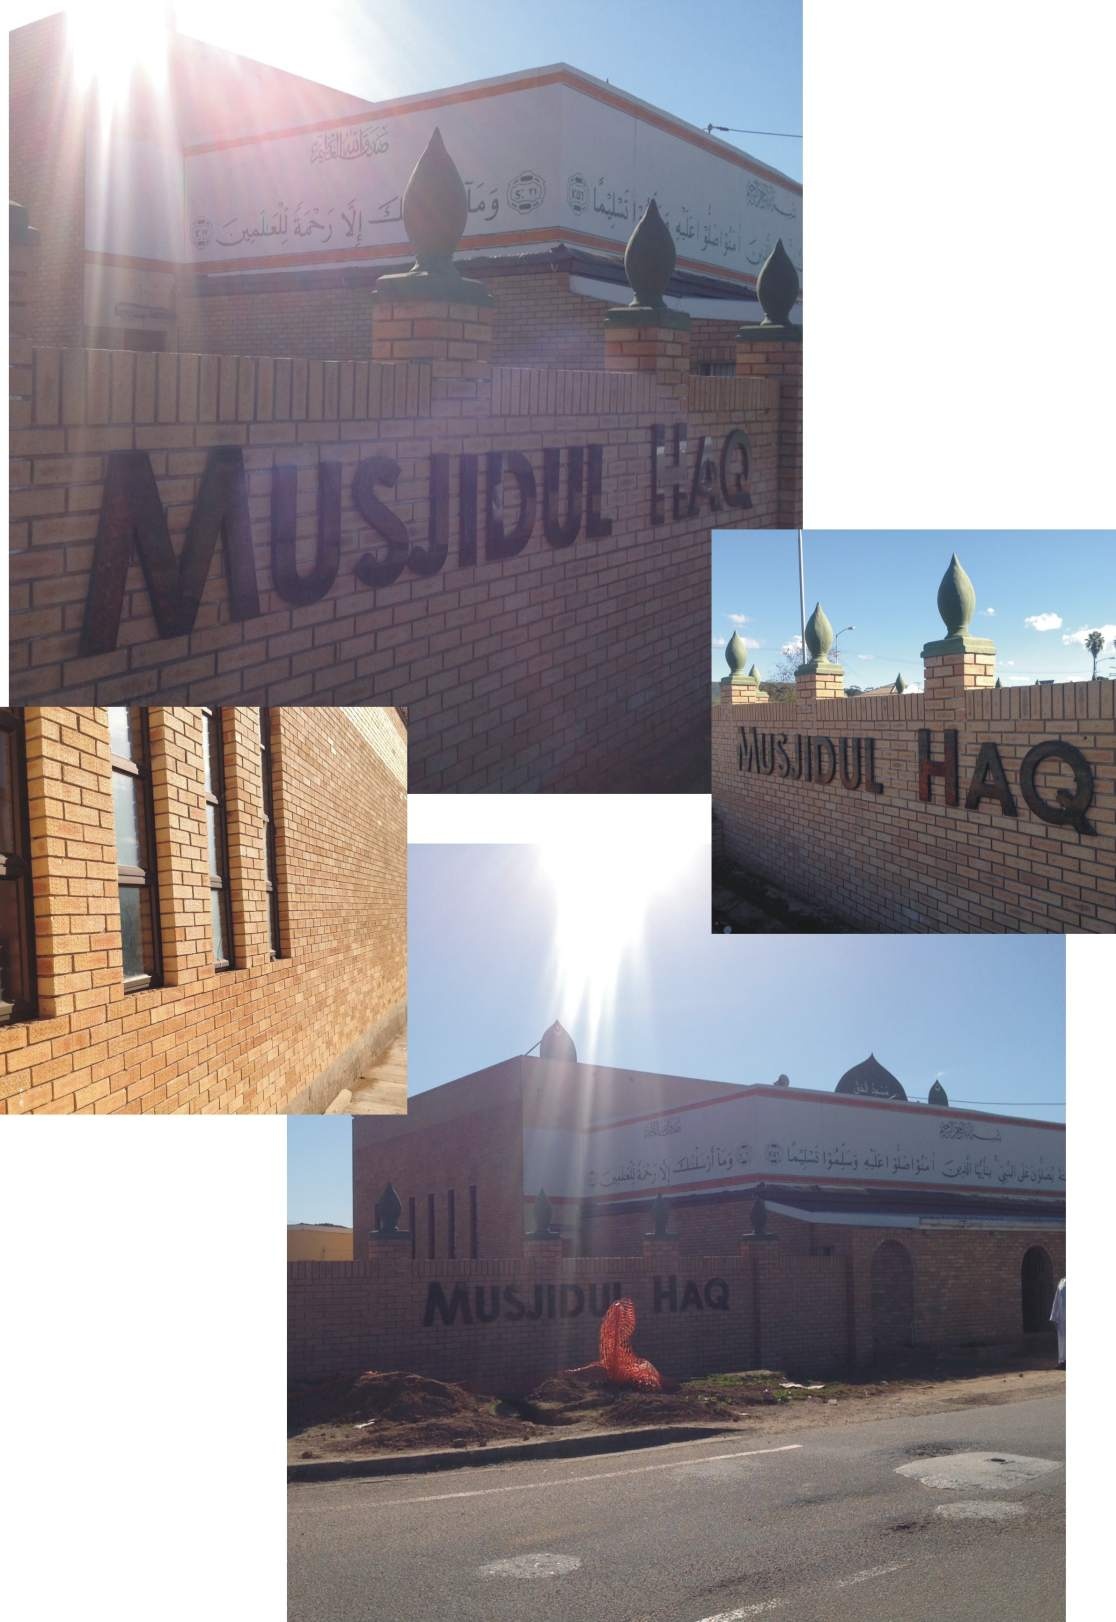 Musjidul Haq - Exterior-min